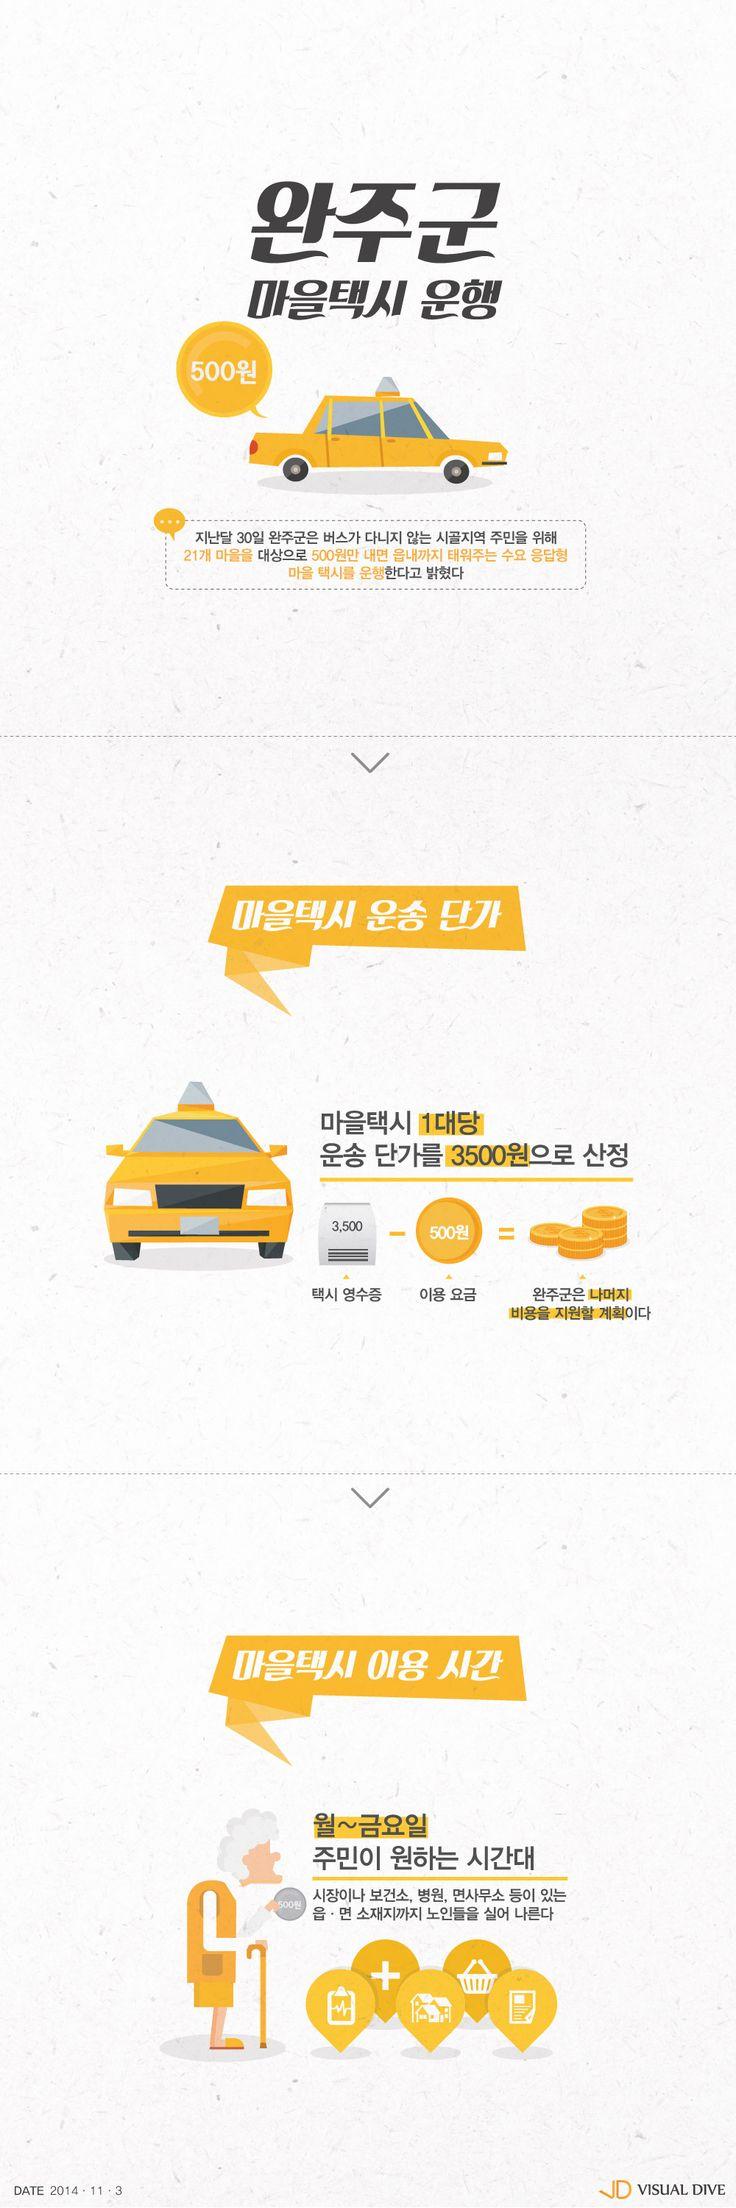 '택시비가 500원?' 마을버스 요금보다 싼 완주군 마을택시 [인포그래픽] #Taxi / #Infographic ⓒ 비주얼다이브 무단 복사·전재·재배포 금지